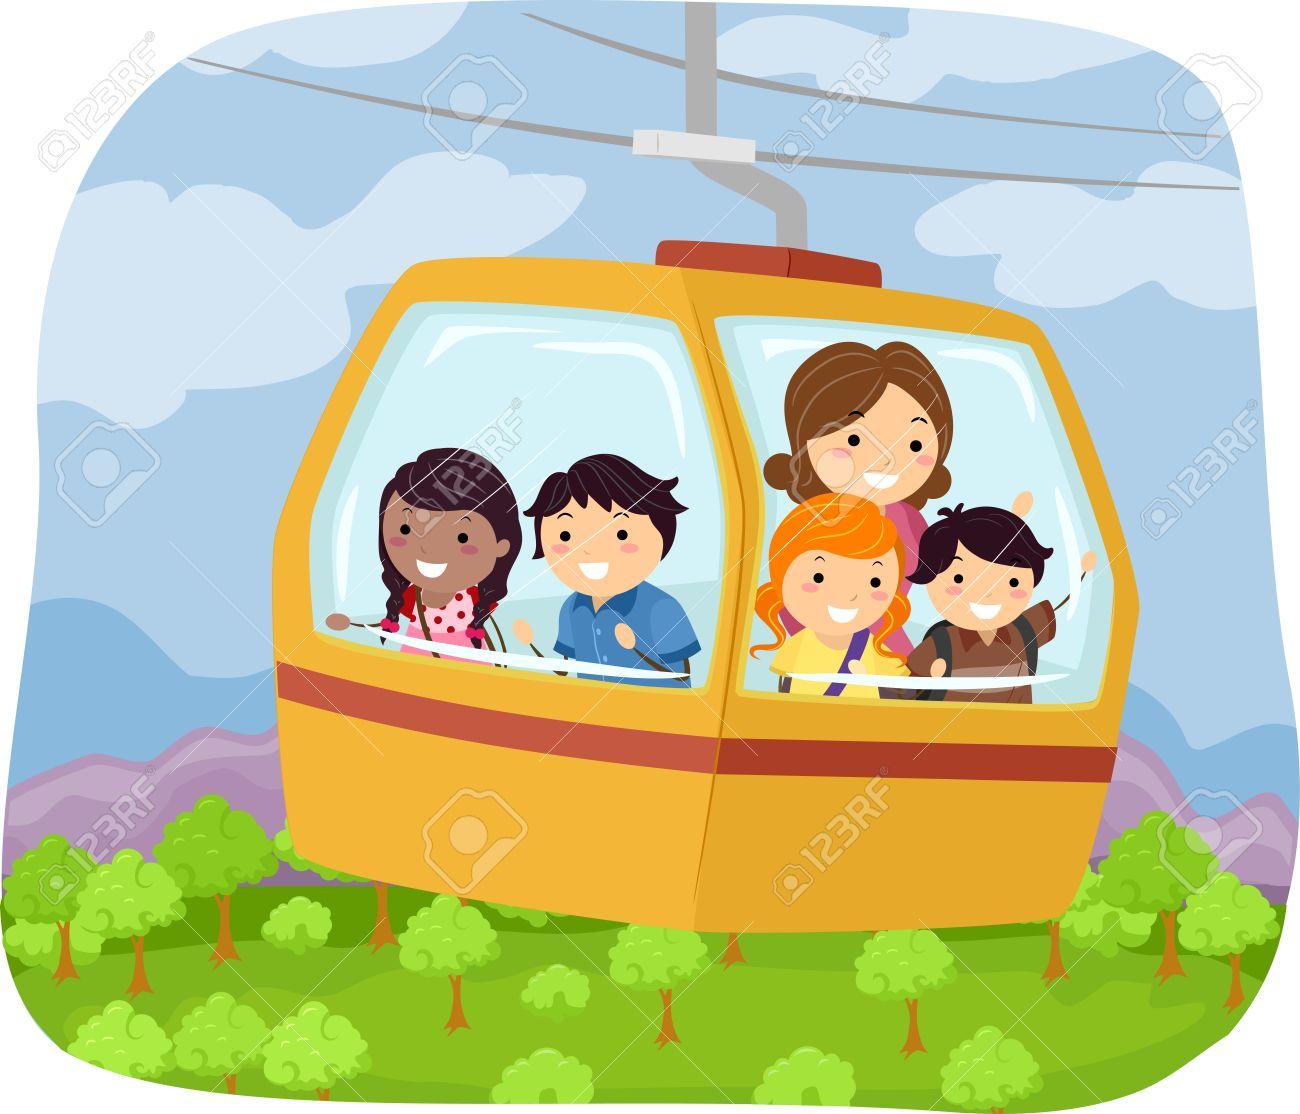 学校にケーブル車に乗って子供のイラスト ロイヤリティフリークリップ